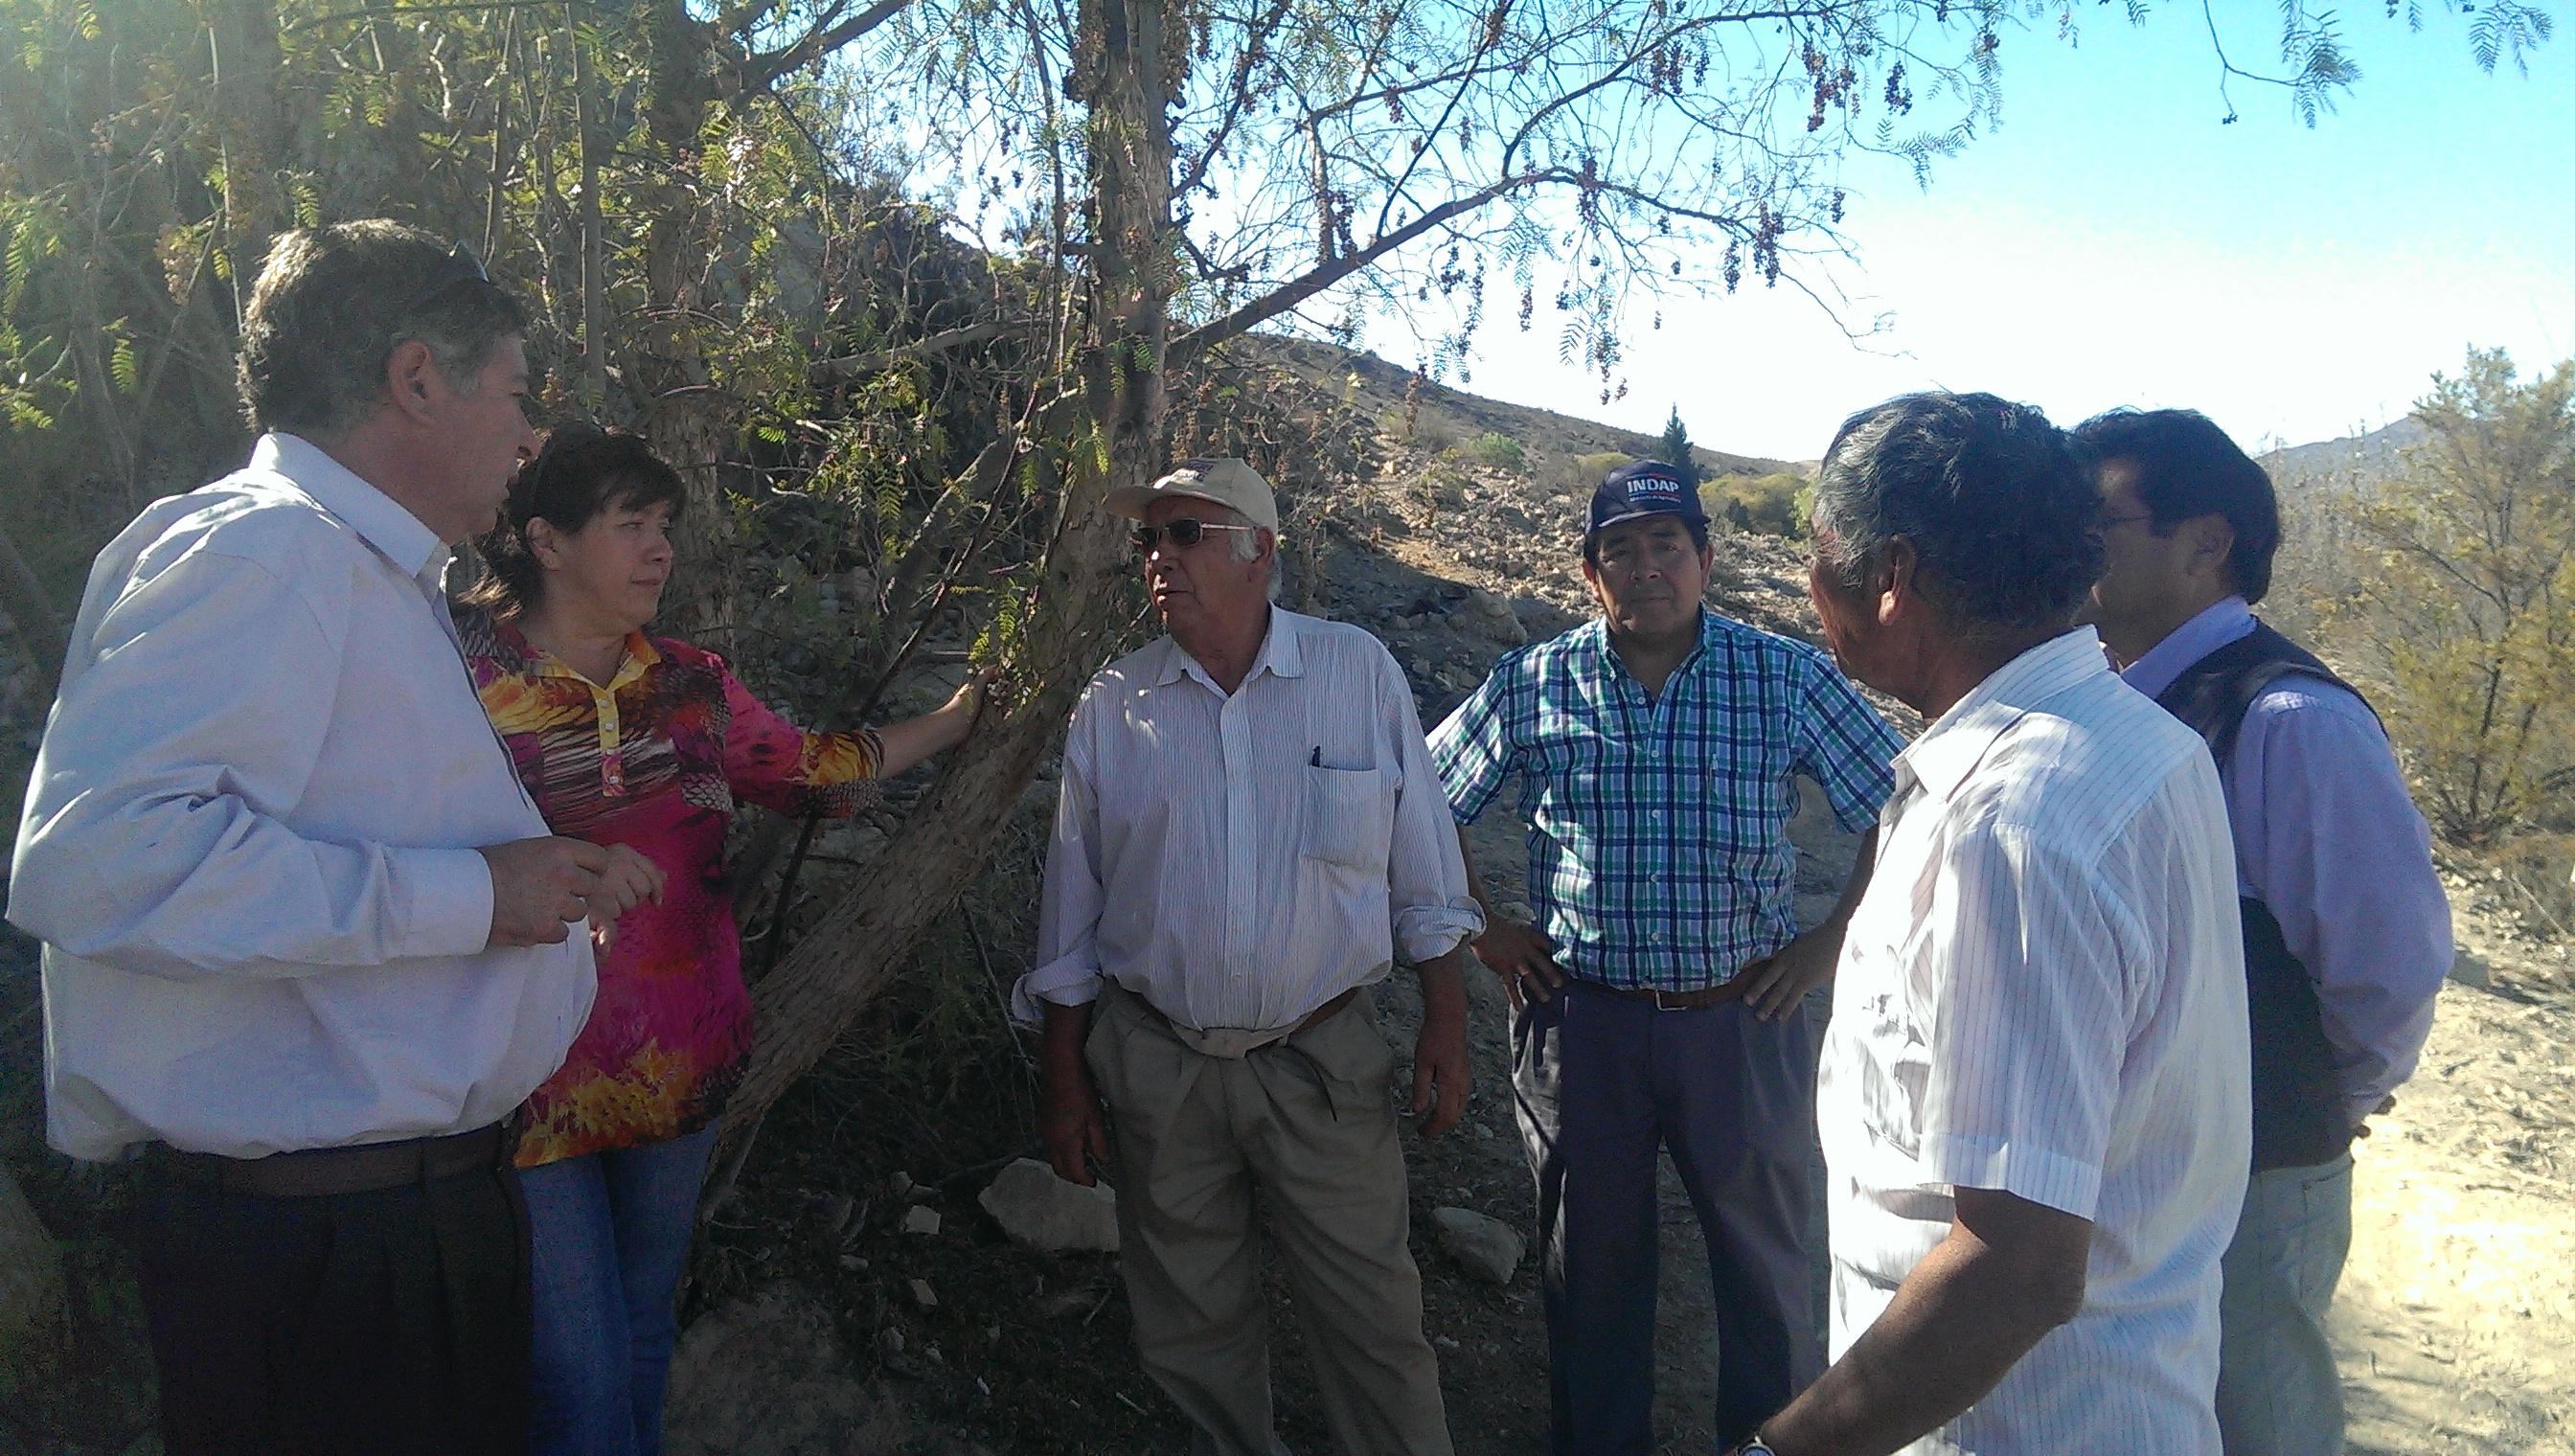 Indap evalúa en terreno daños en canal compañía de Vallenar